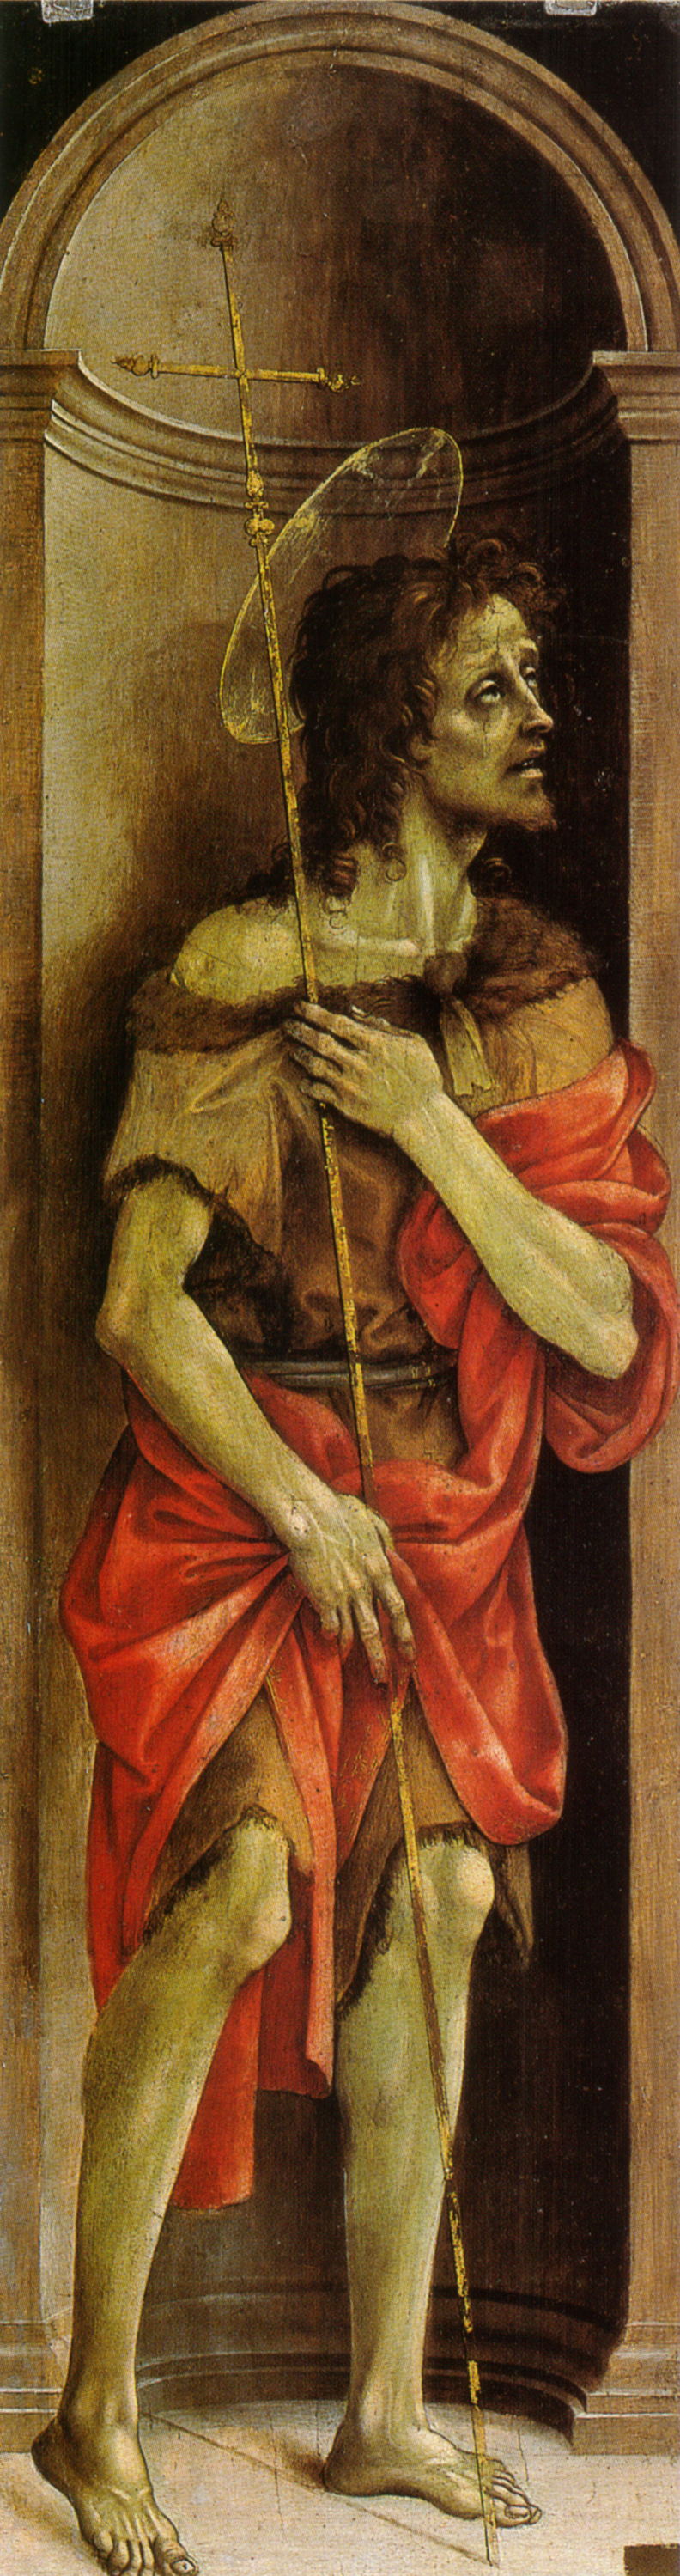 Filippino lippi, san giovanni battista, accademia.jpg